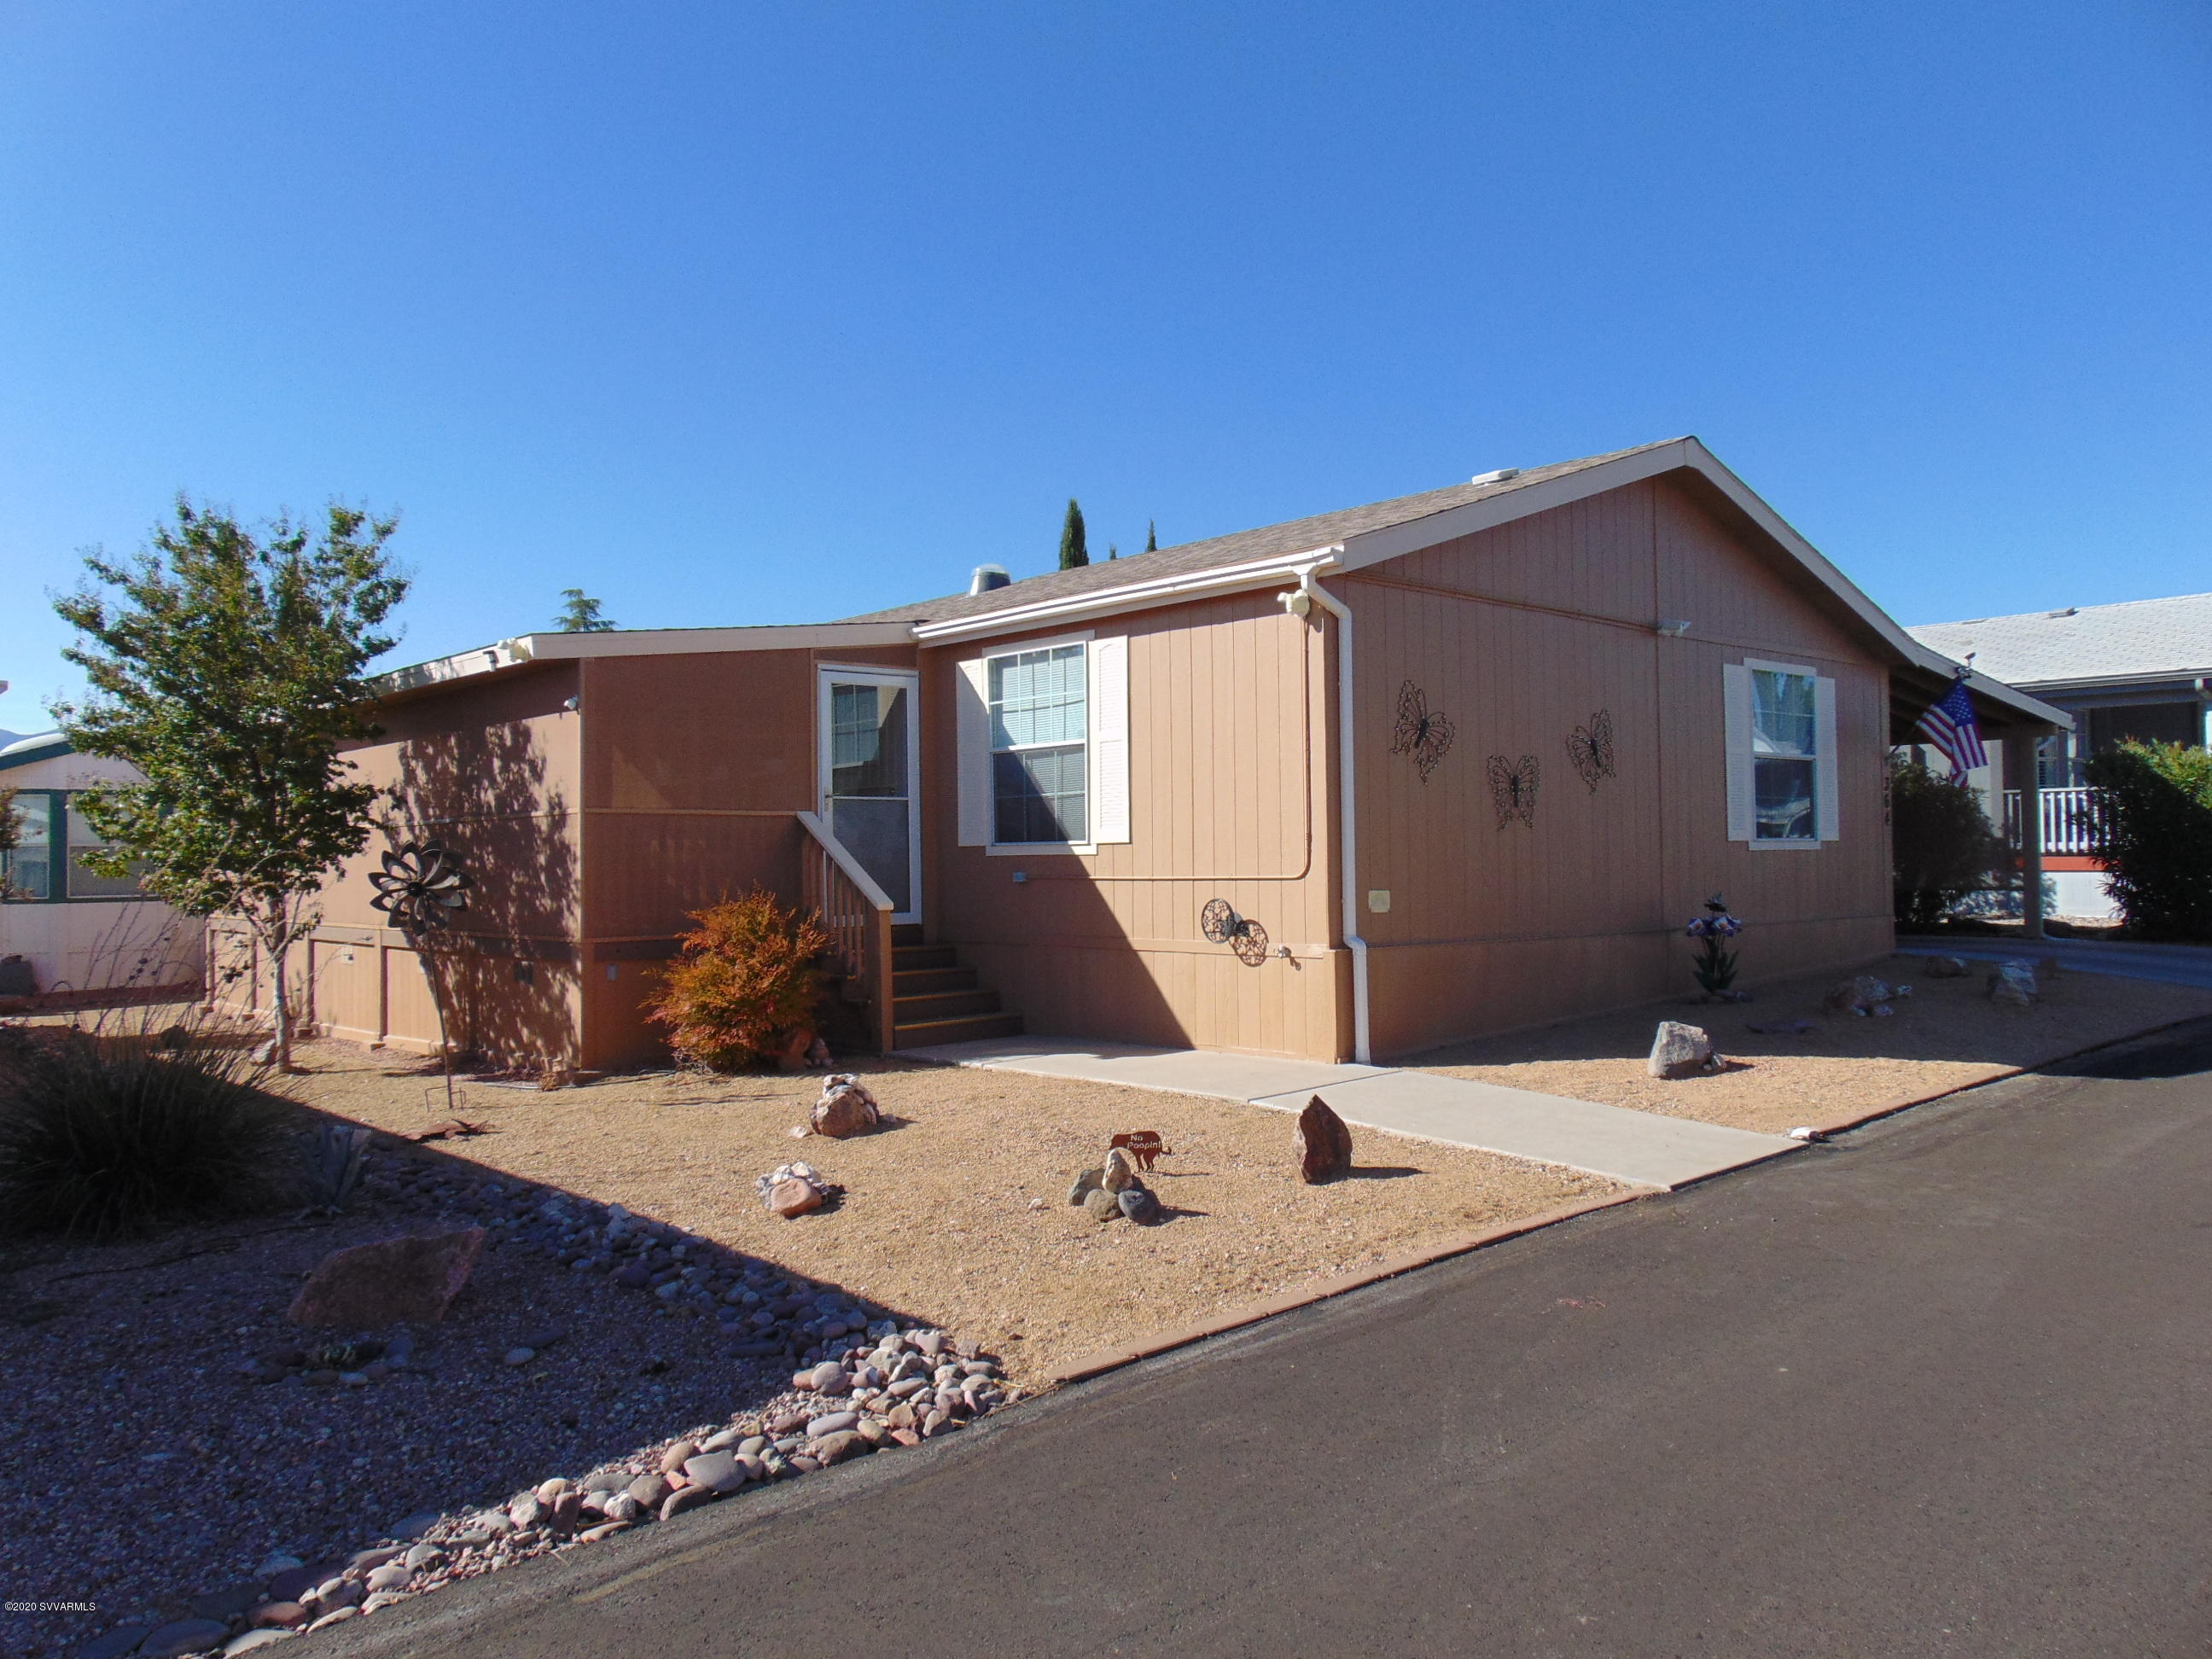 2050 Az-89a UNIT 364 Cottonwood, AZ 86326